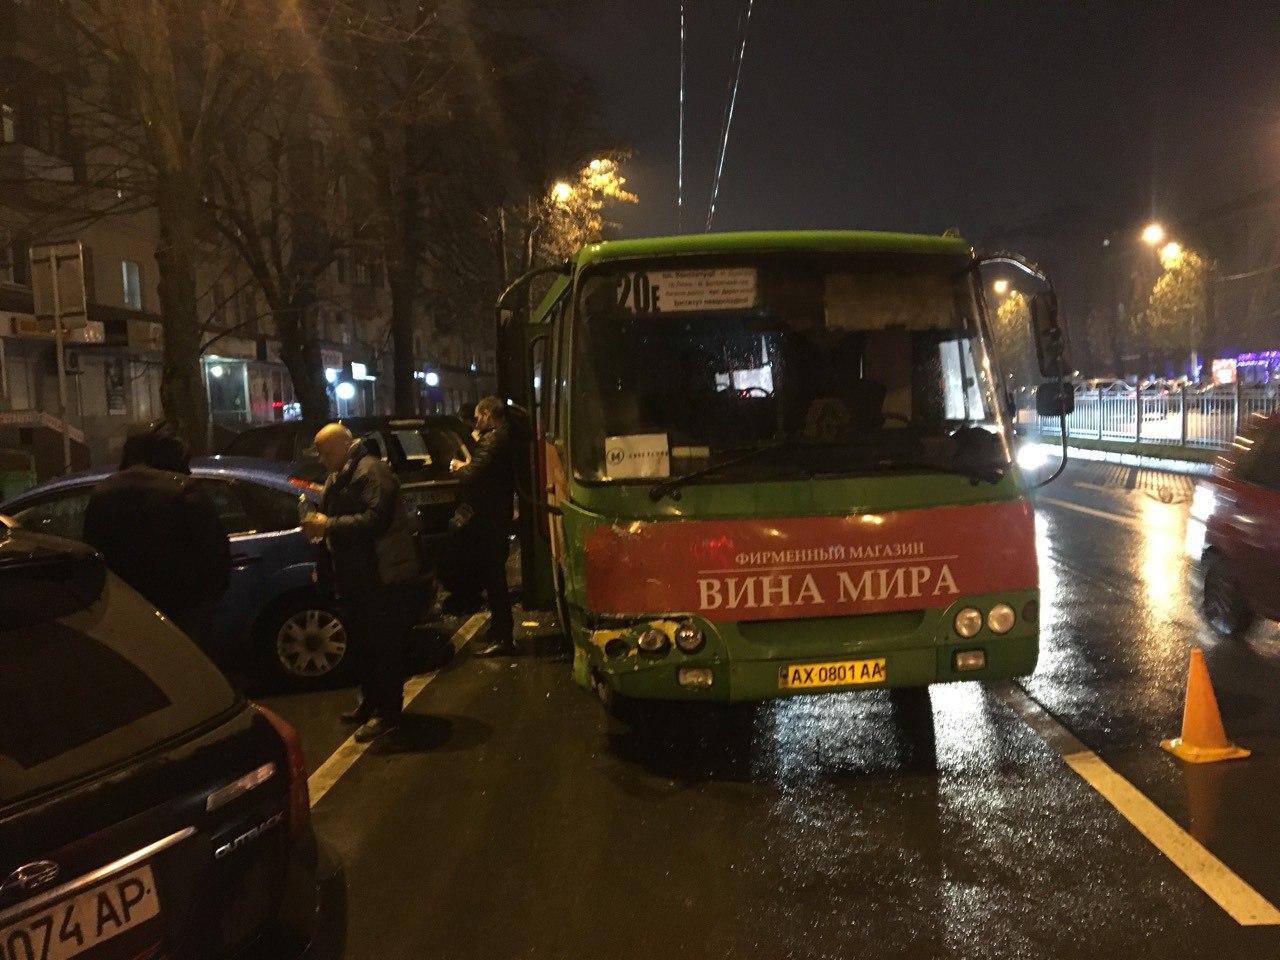 https://gx.net.ua/news_images/1512386904.jpg